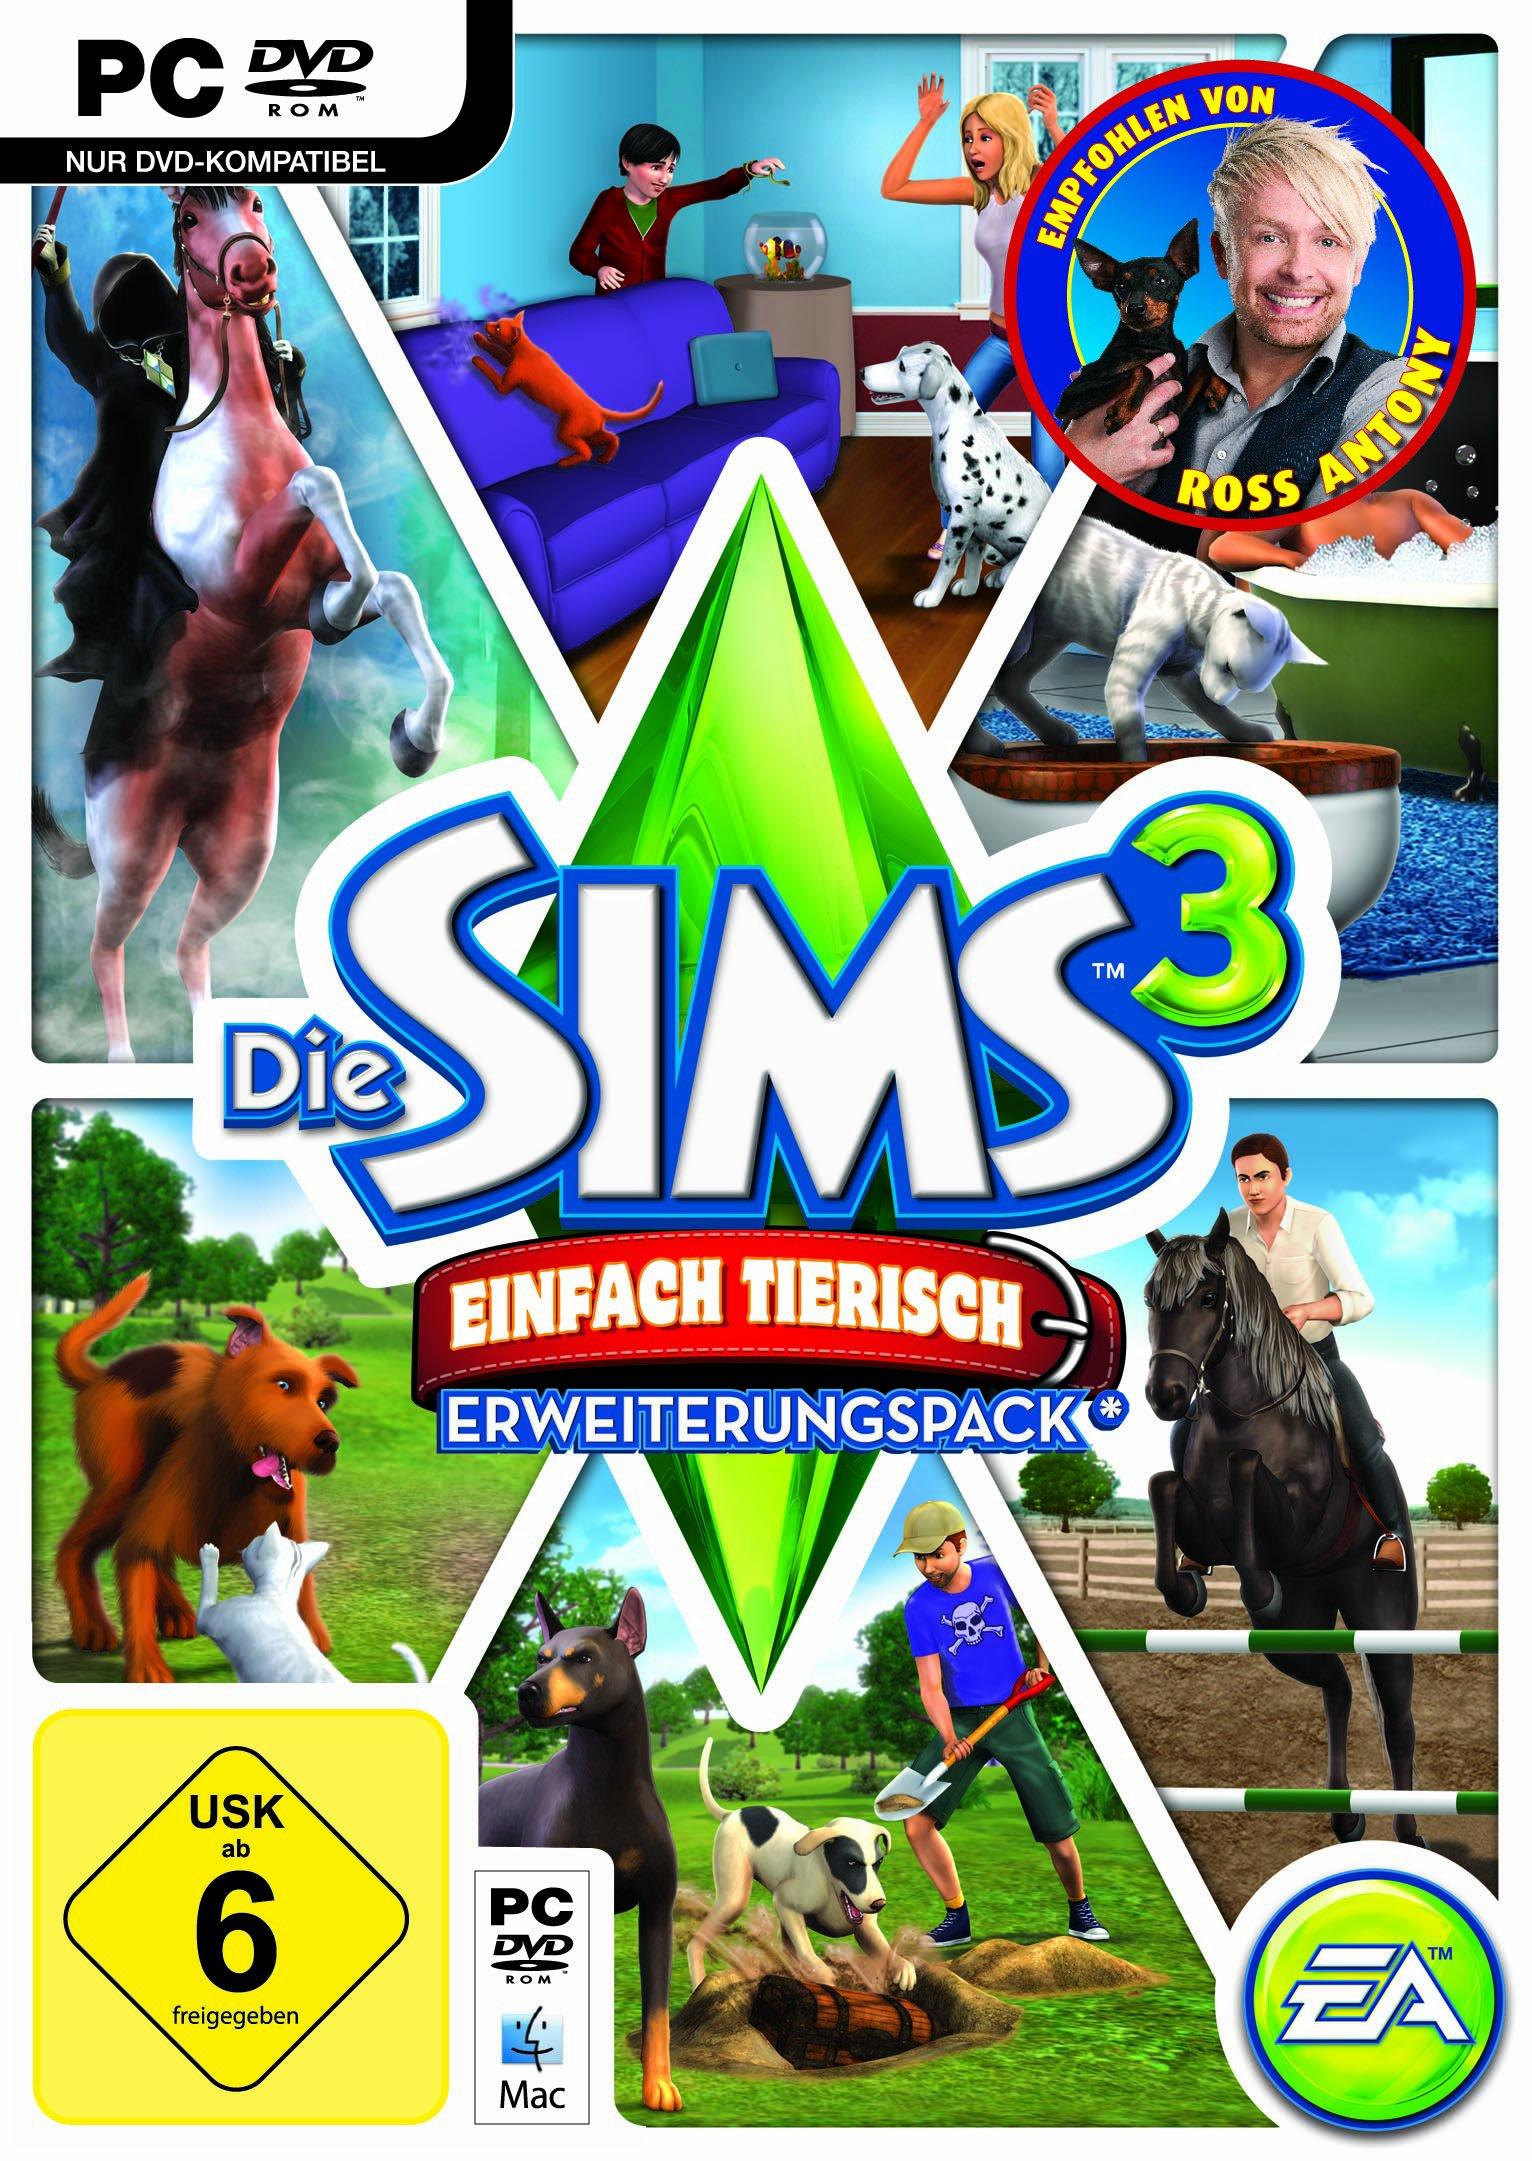 Die Sims 3: Einfach tierisch product image